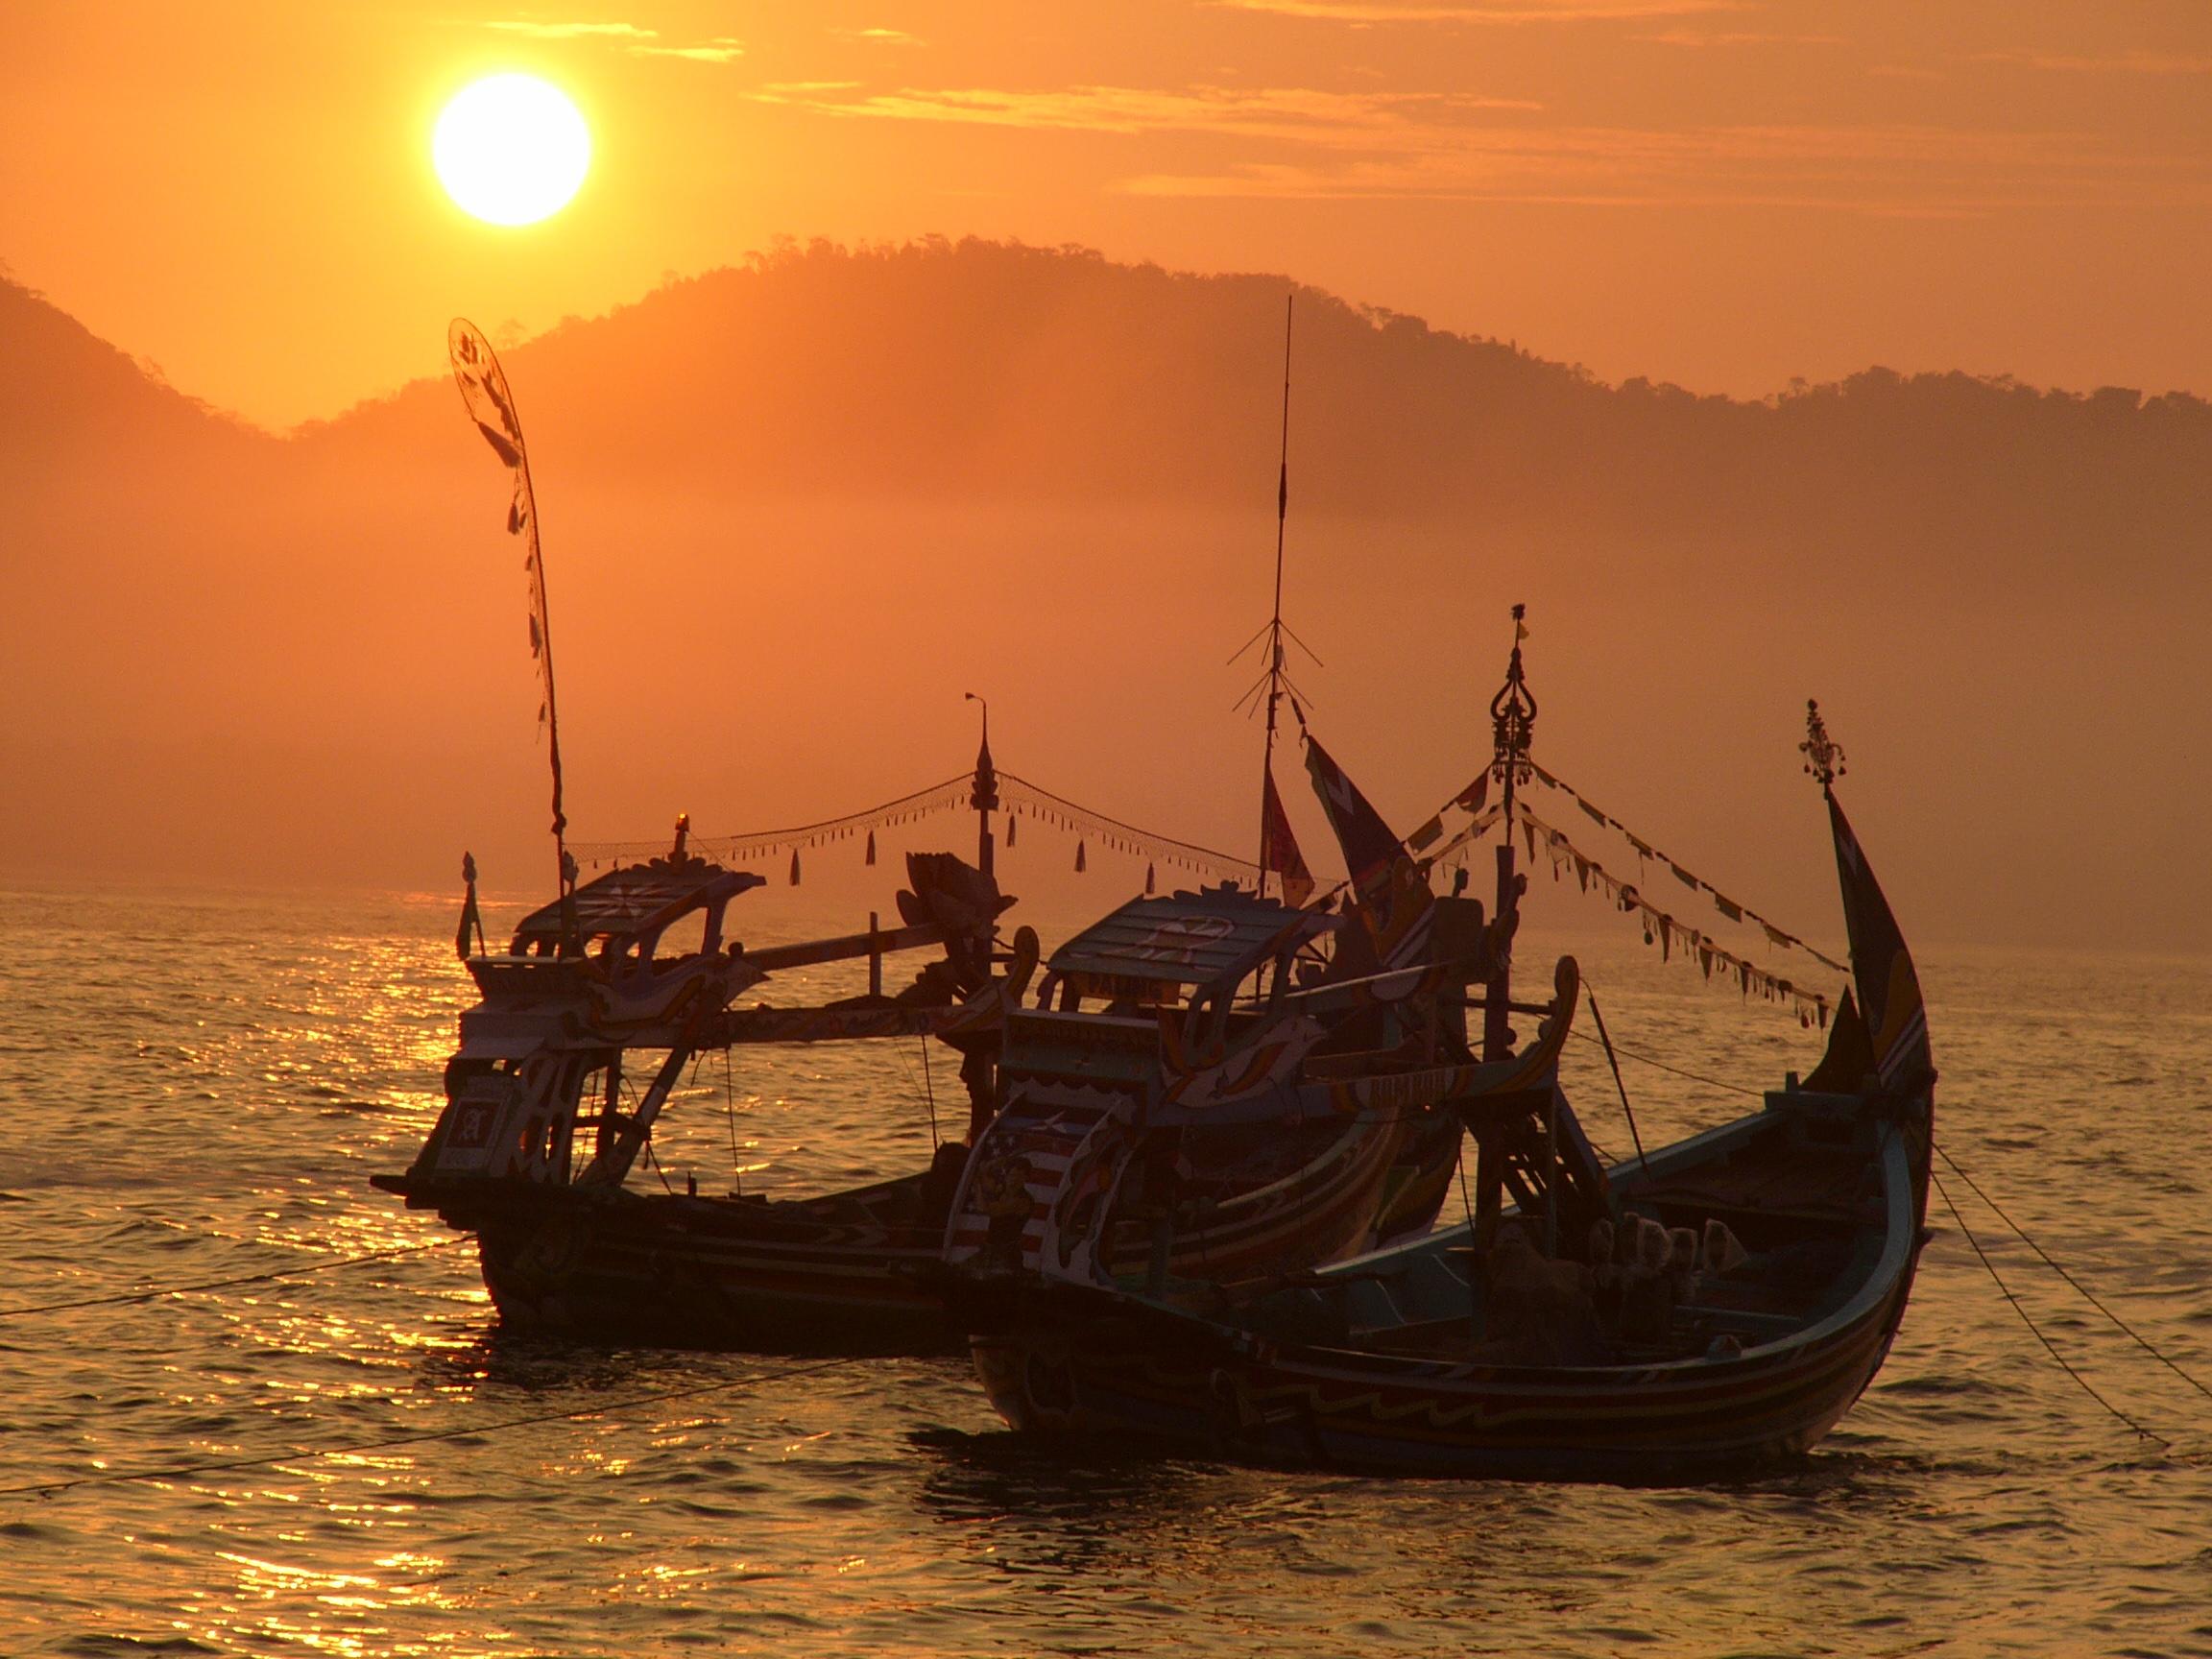 Magnifique vue en Indonesie des bateaux durant les trips avec Archipelago Adventure